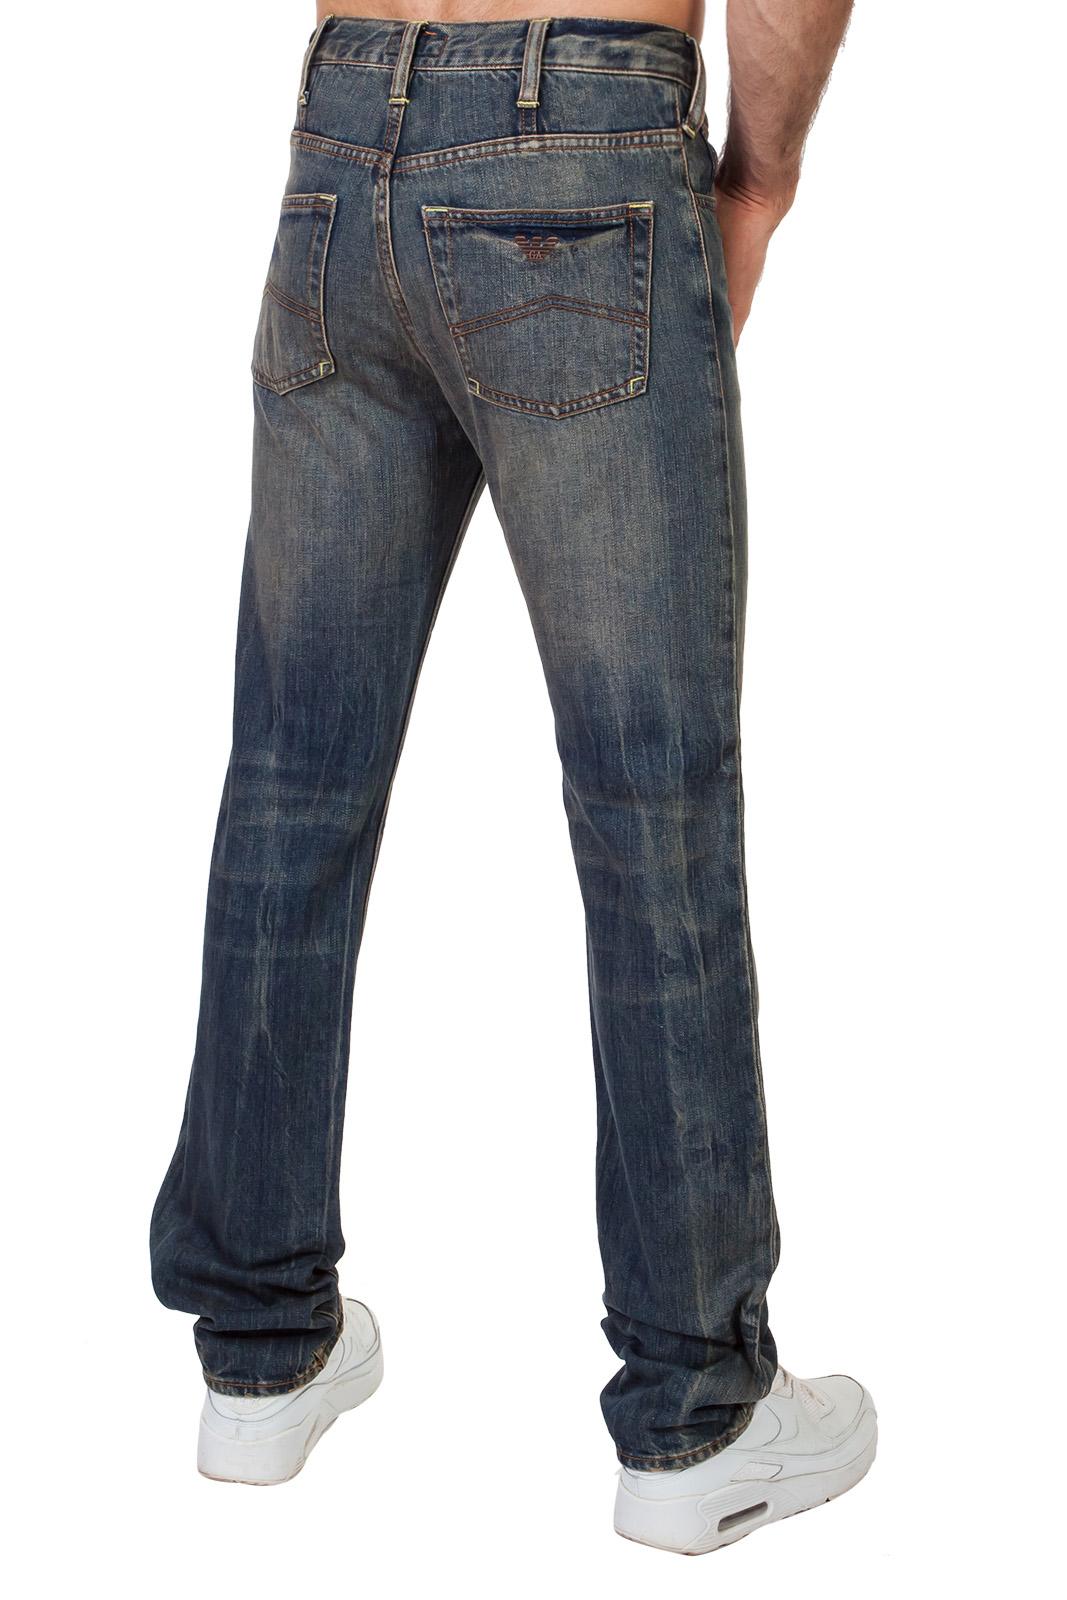 Купить в Военпро джинсы